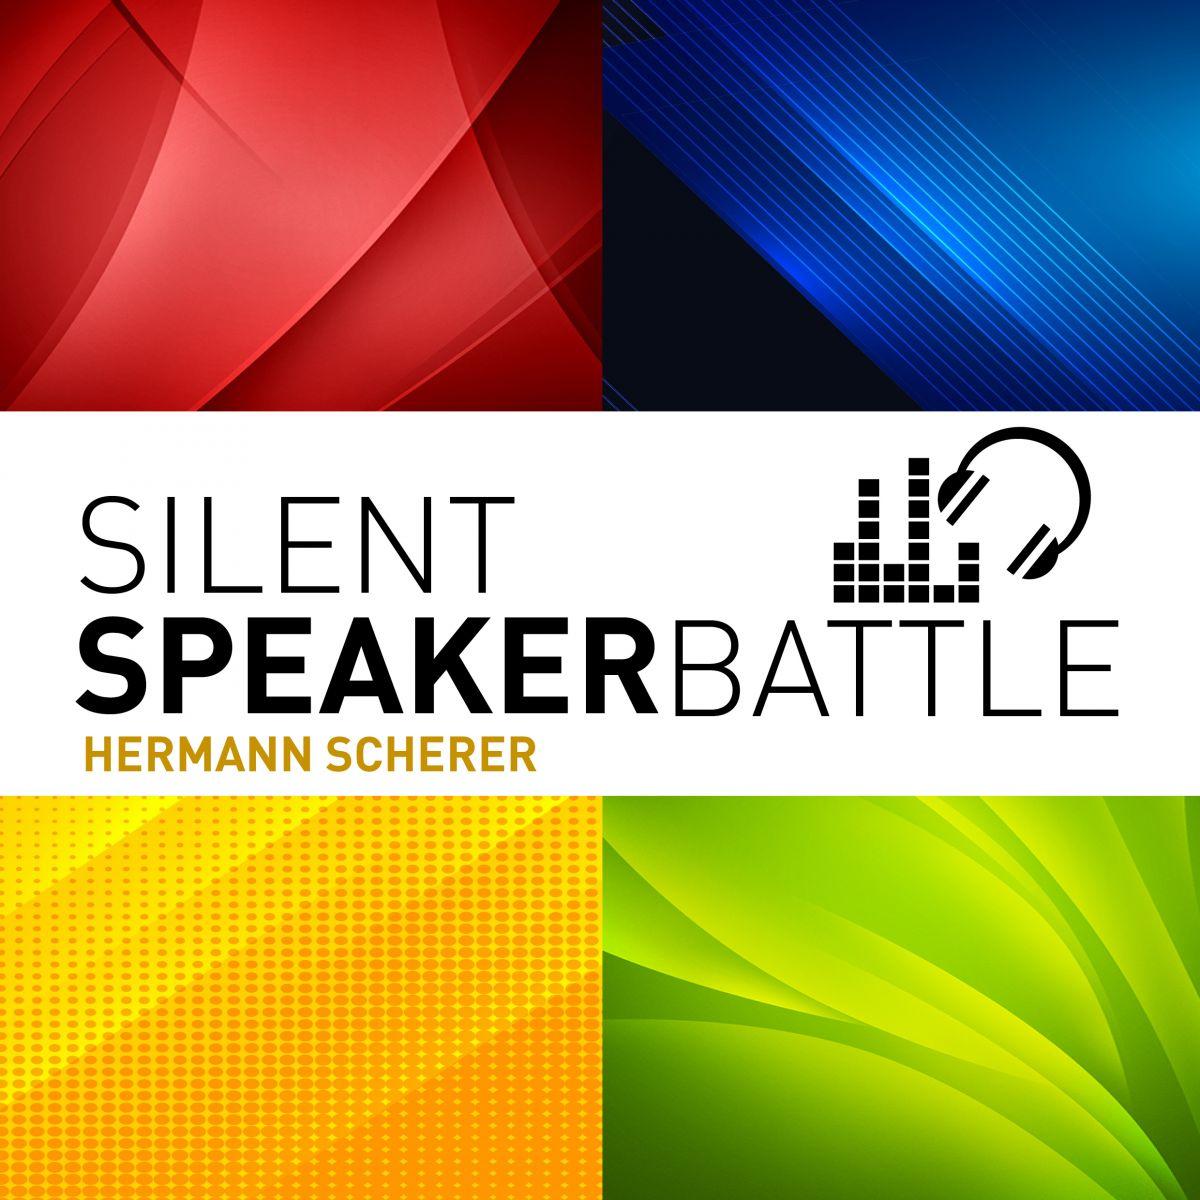 Silent Speaker Battle